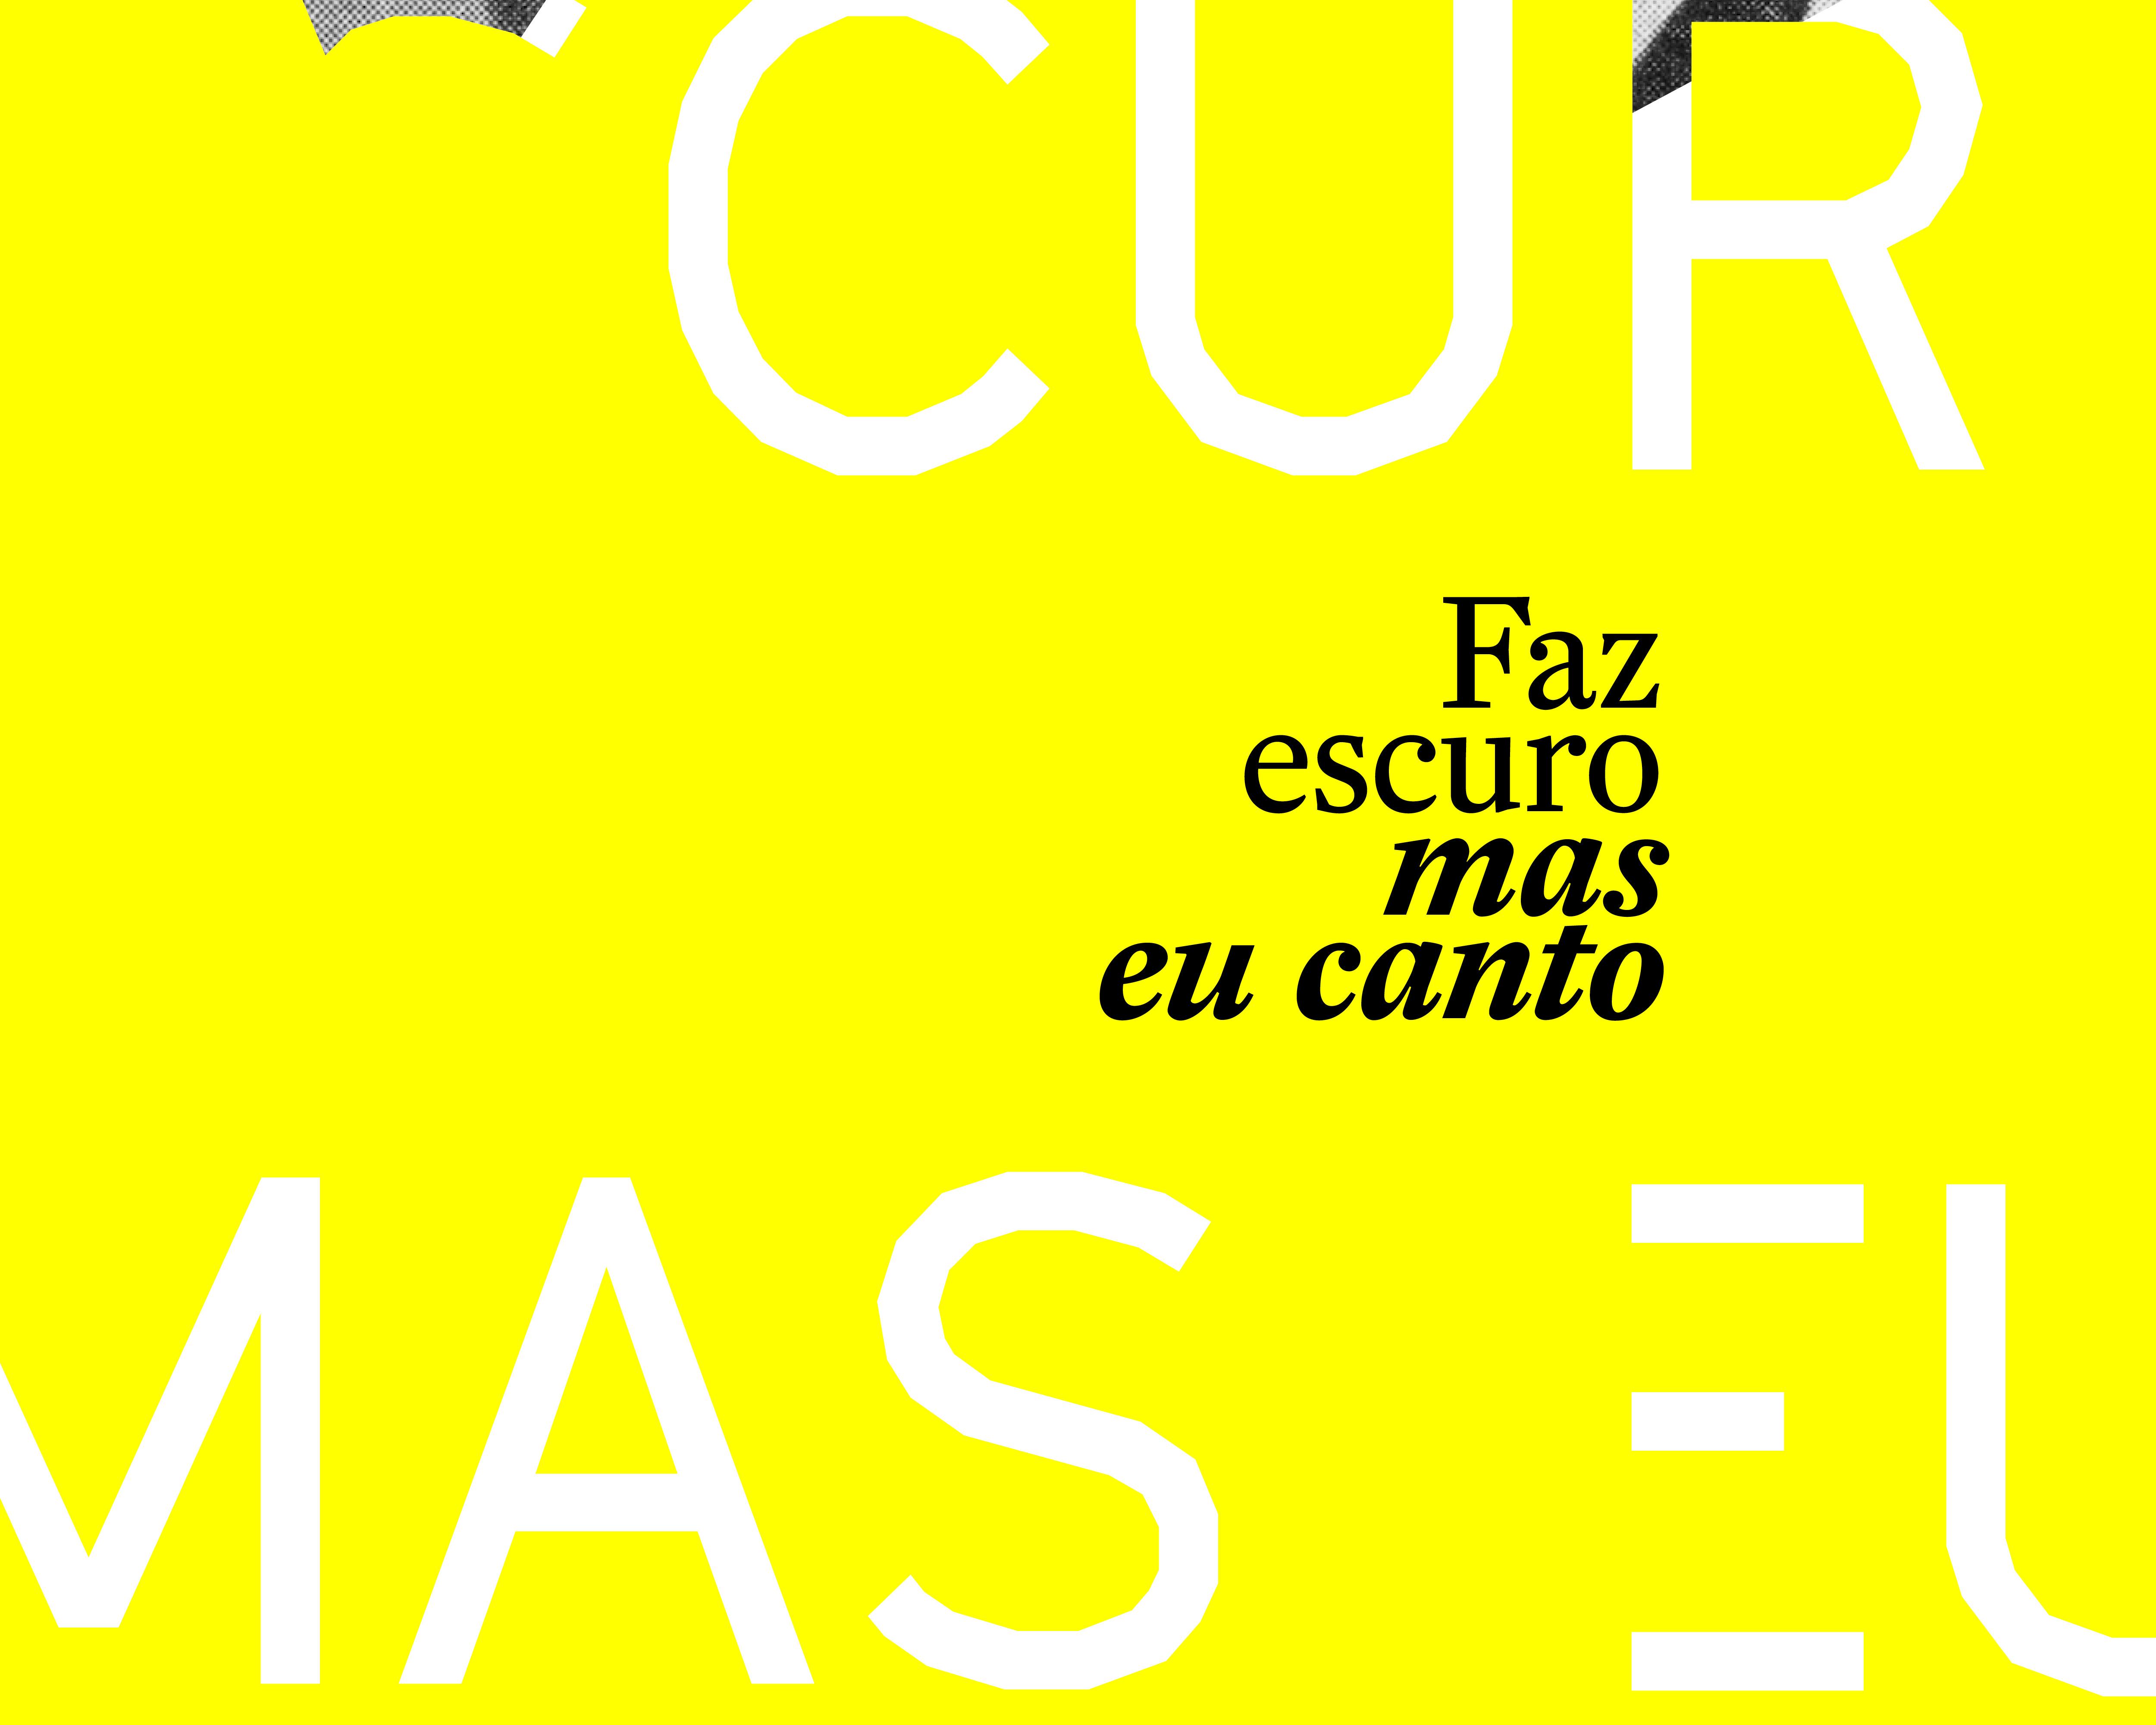 34ª Bienal de São Paulo: alterações no calendário expositivo